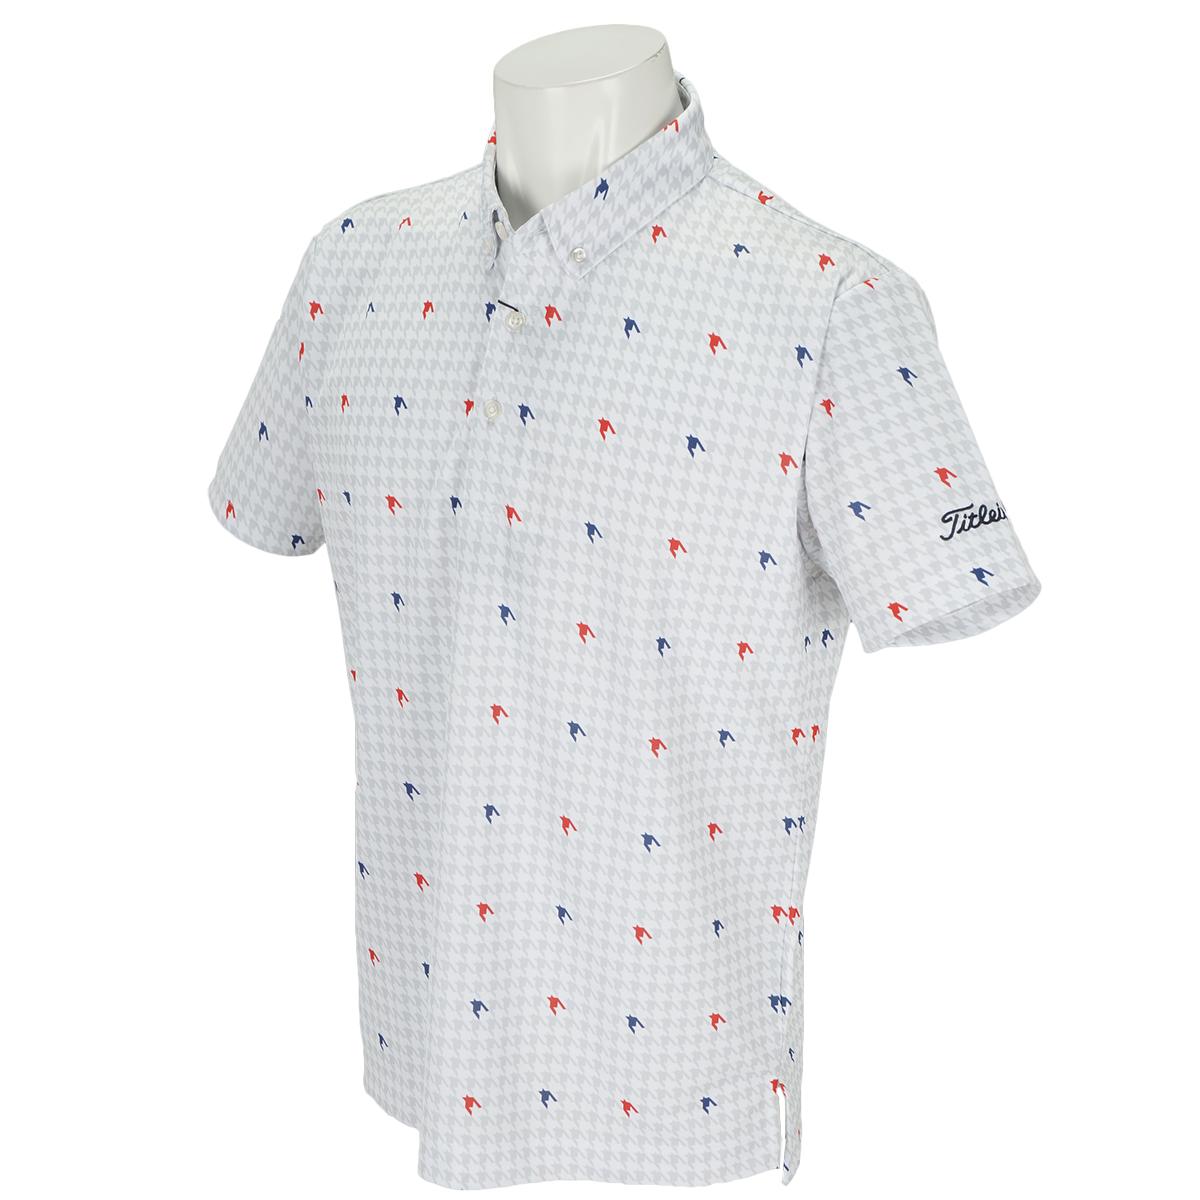 ストレッチ千鳥プリントボタンダウンポロシャツ